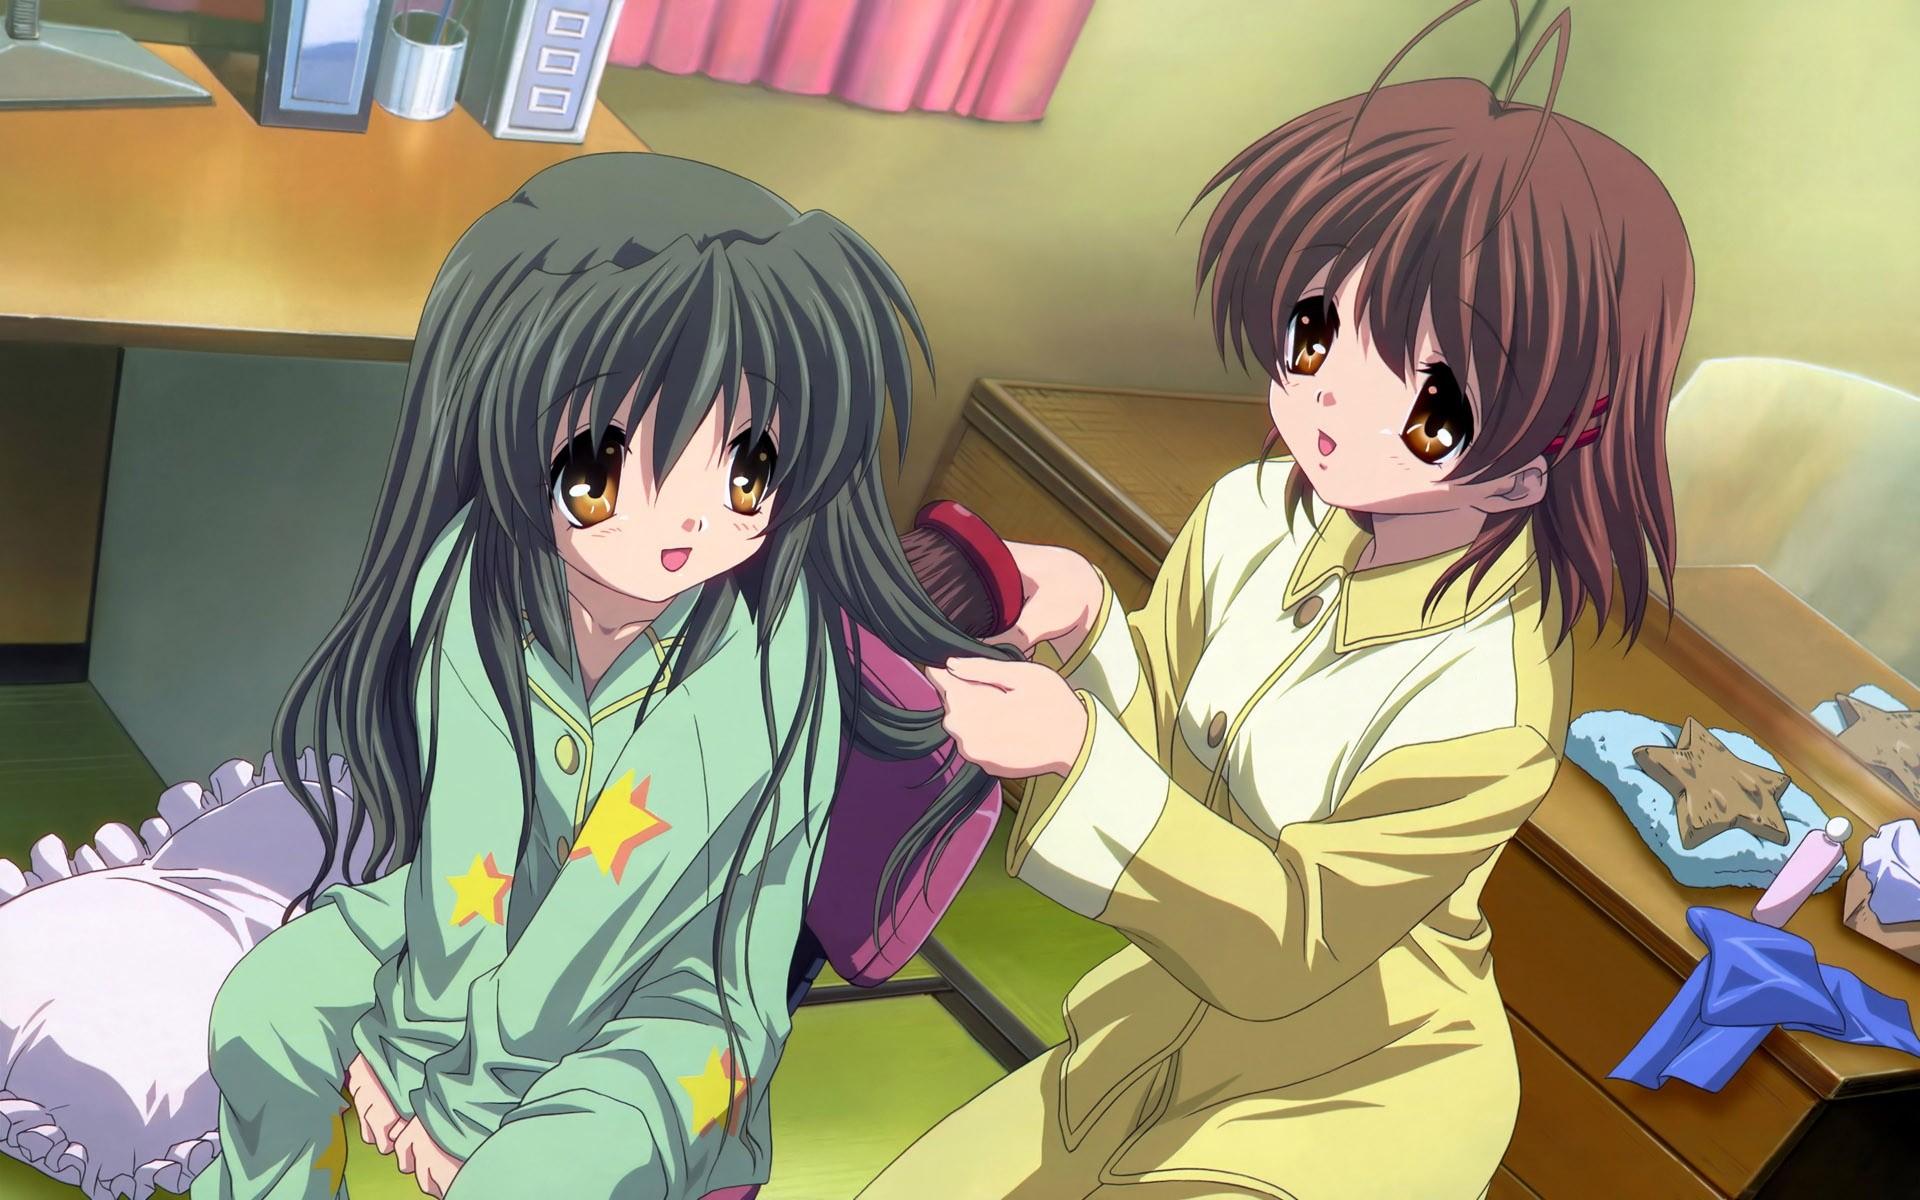 anime girls anime clannad ibuki fuko nagisa furukawa